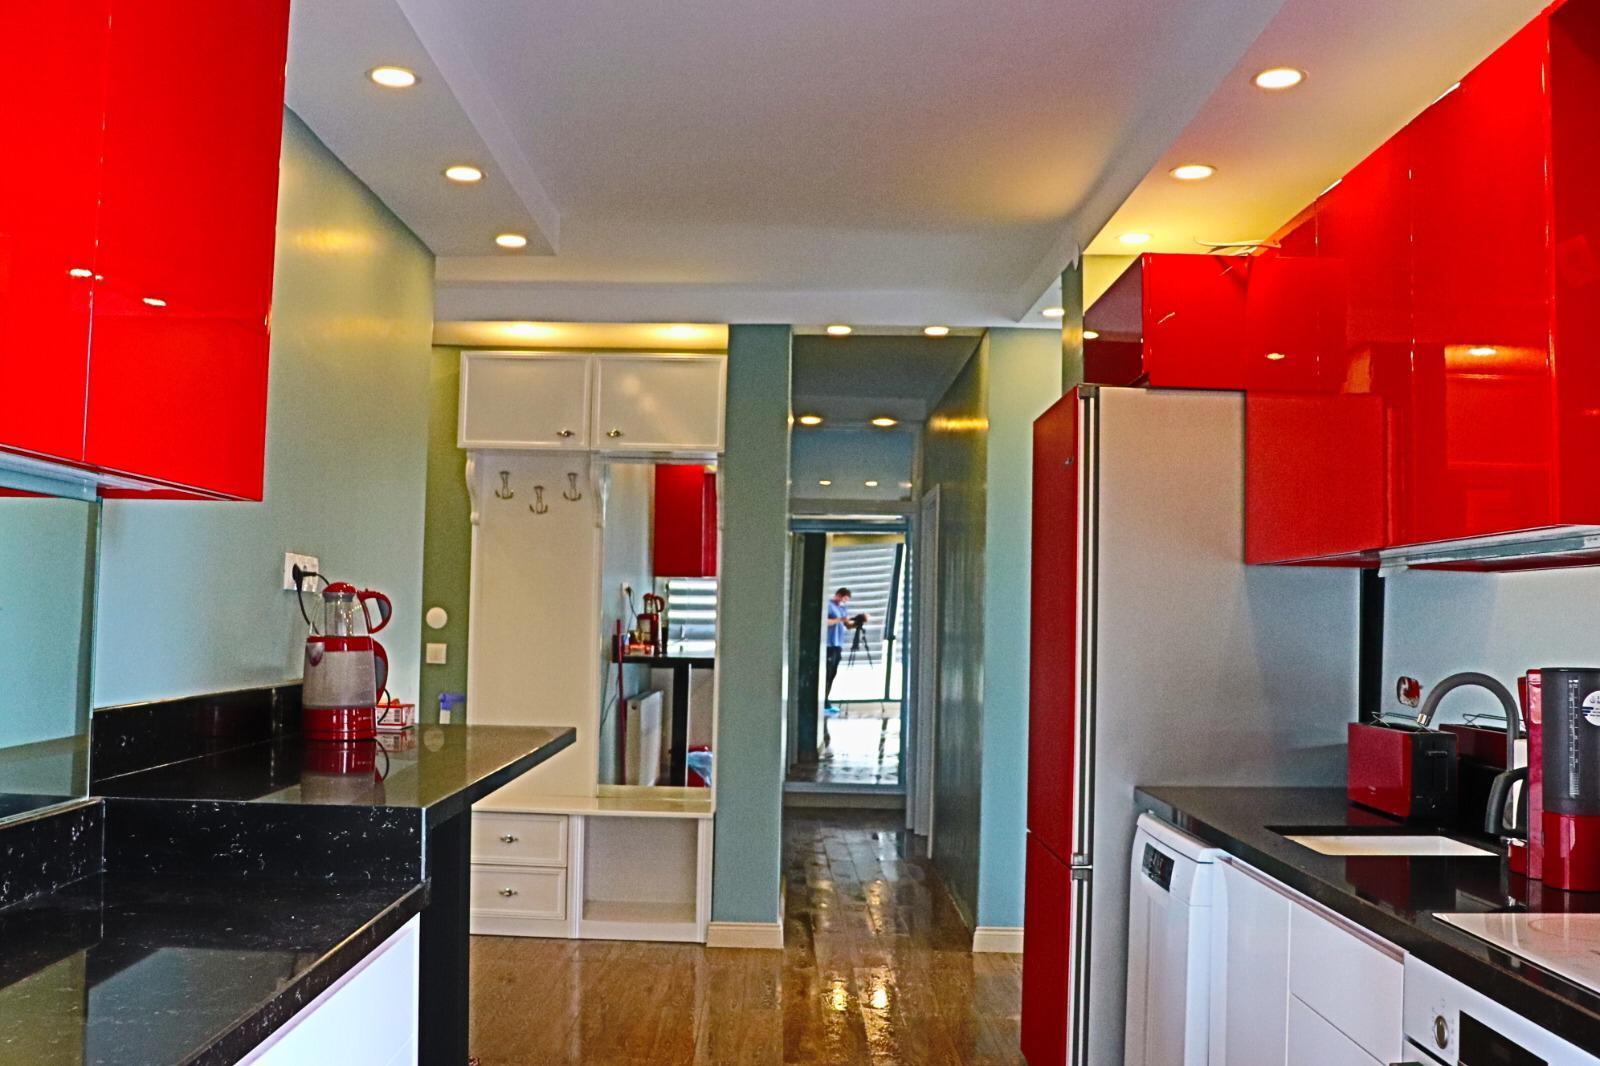 الشقة للبيع في كونيالتي ليمان  و تبعد عن ركز المدينة 9 كم، و تبعد عن البحر ب800متر